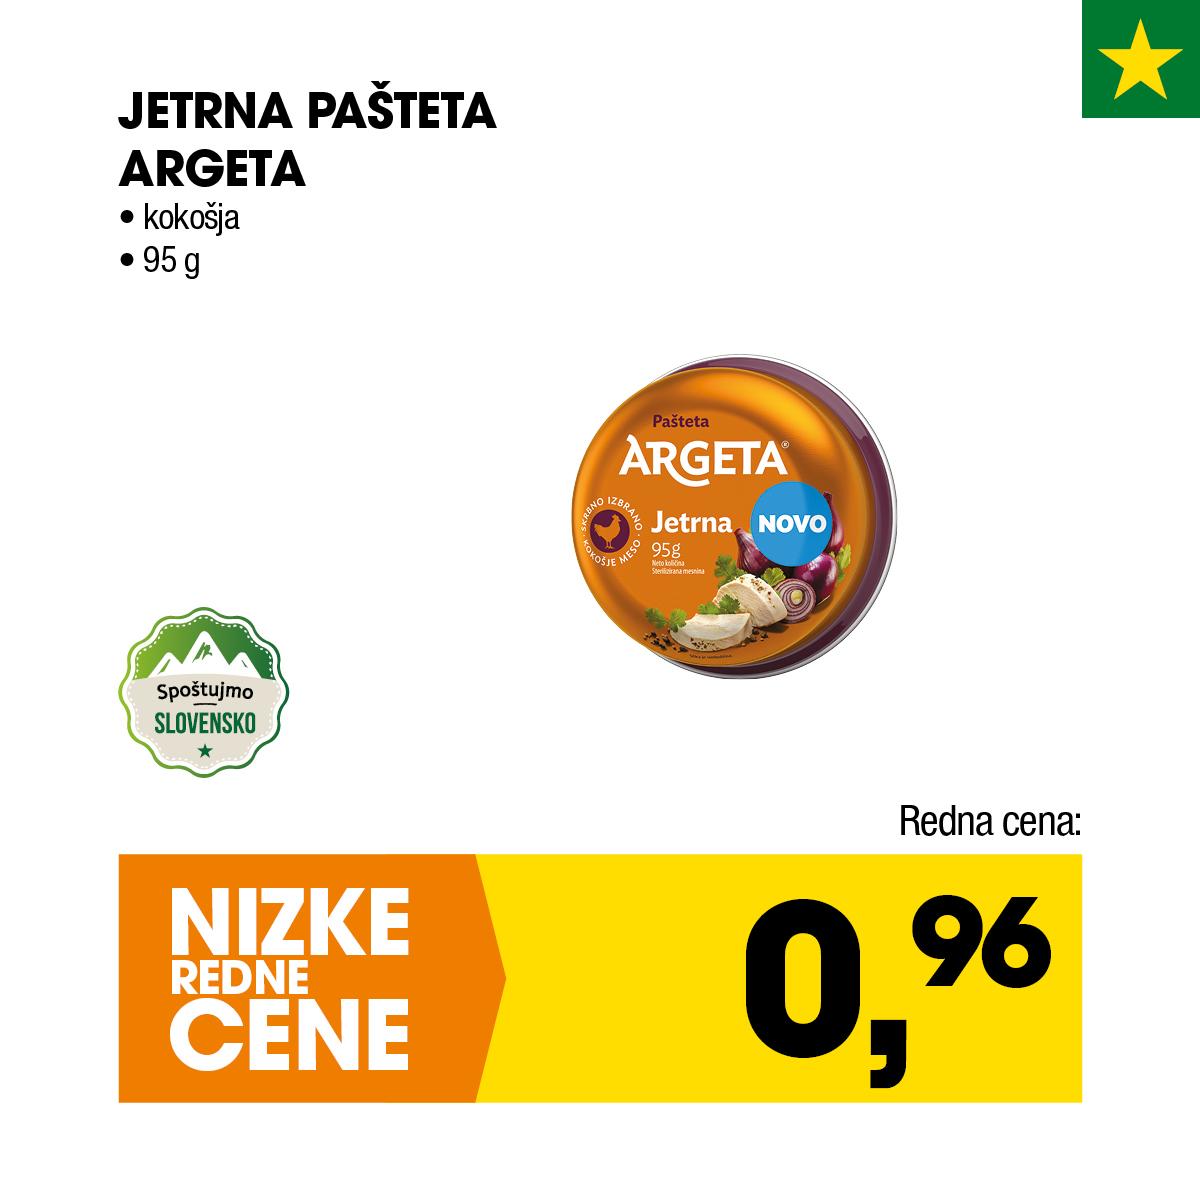 Nizke cene - kokošja jetrna pašteta Argeta